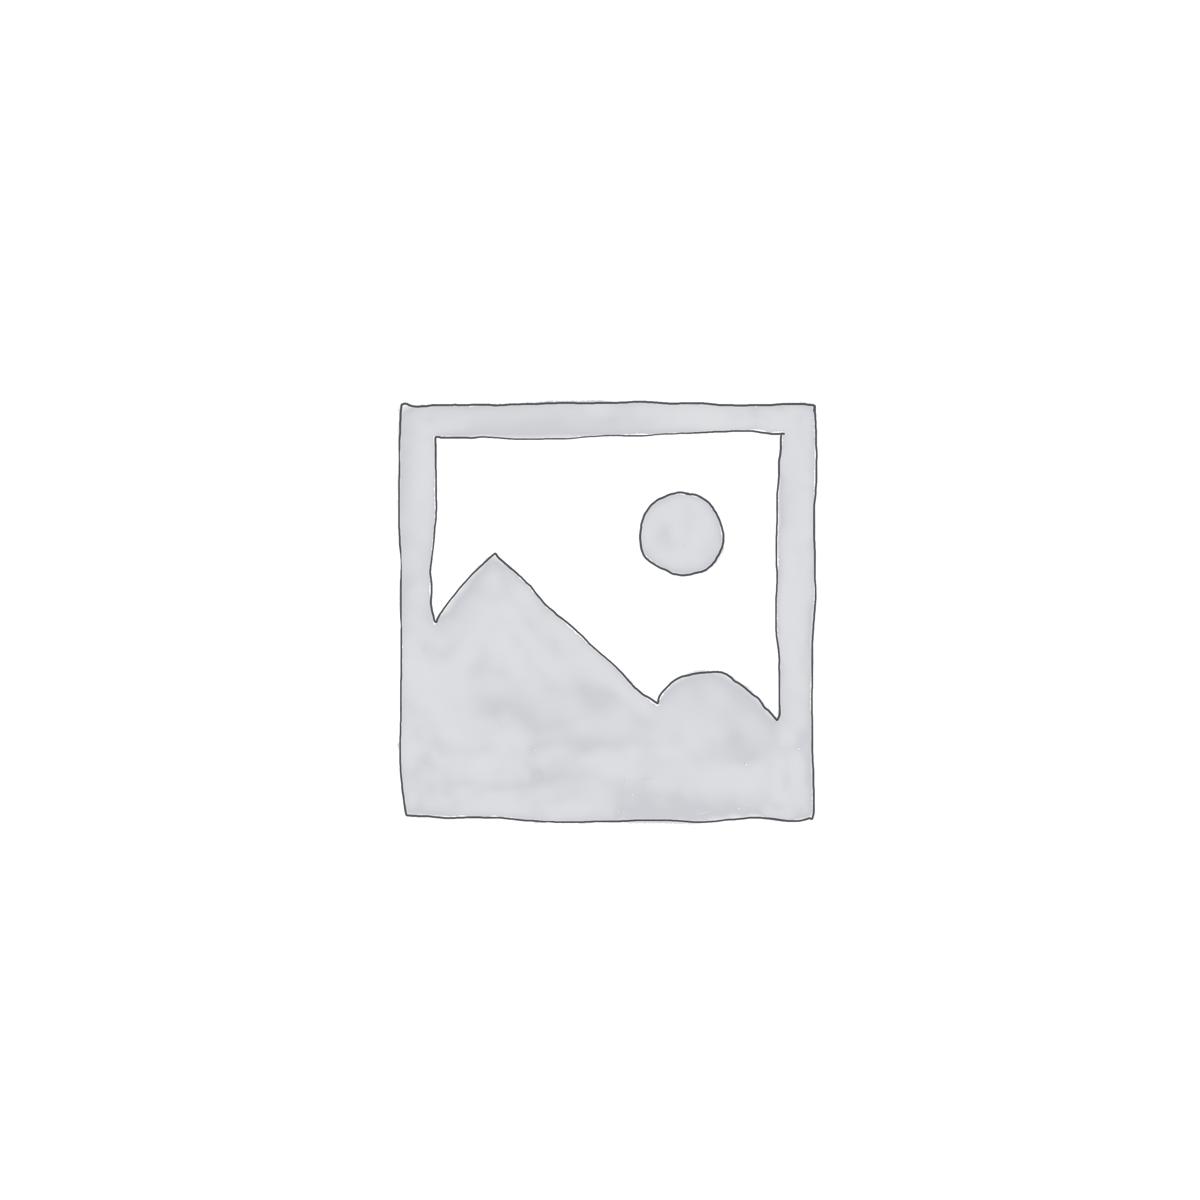 3D Embossed Look Cement Roses Wallpaper Mural